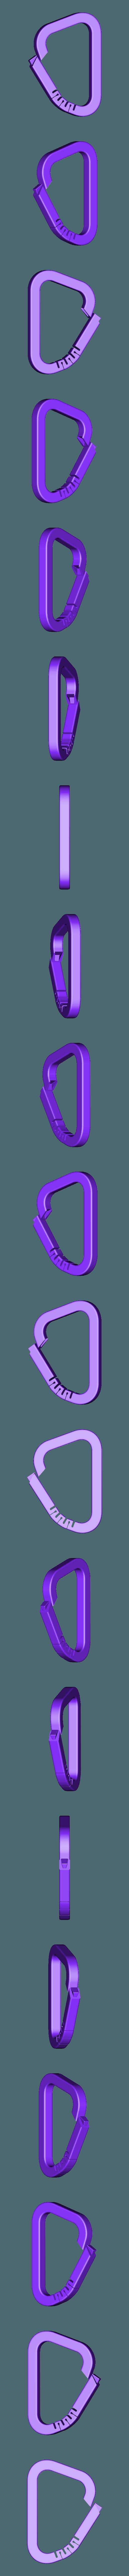 Carabiner_v1-0.stl Télécharger fichier STL gratuit Mousqueton • Modèle pour impression 3D, WalterHsiao